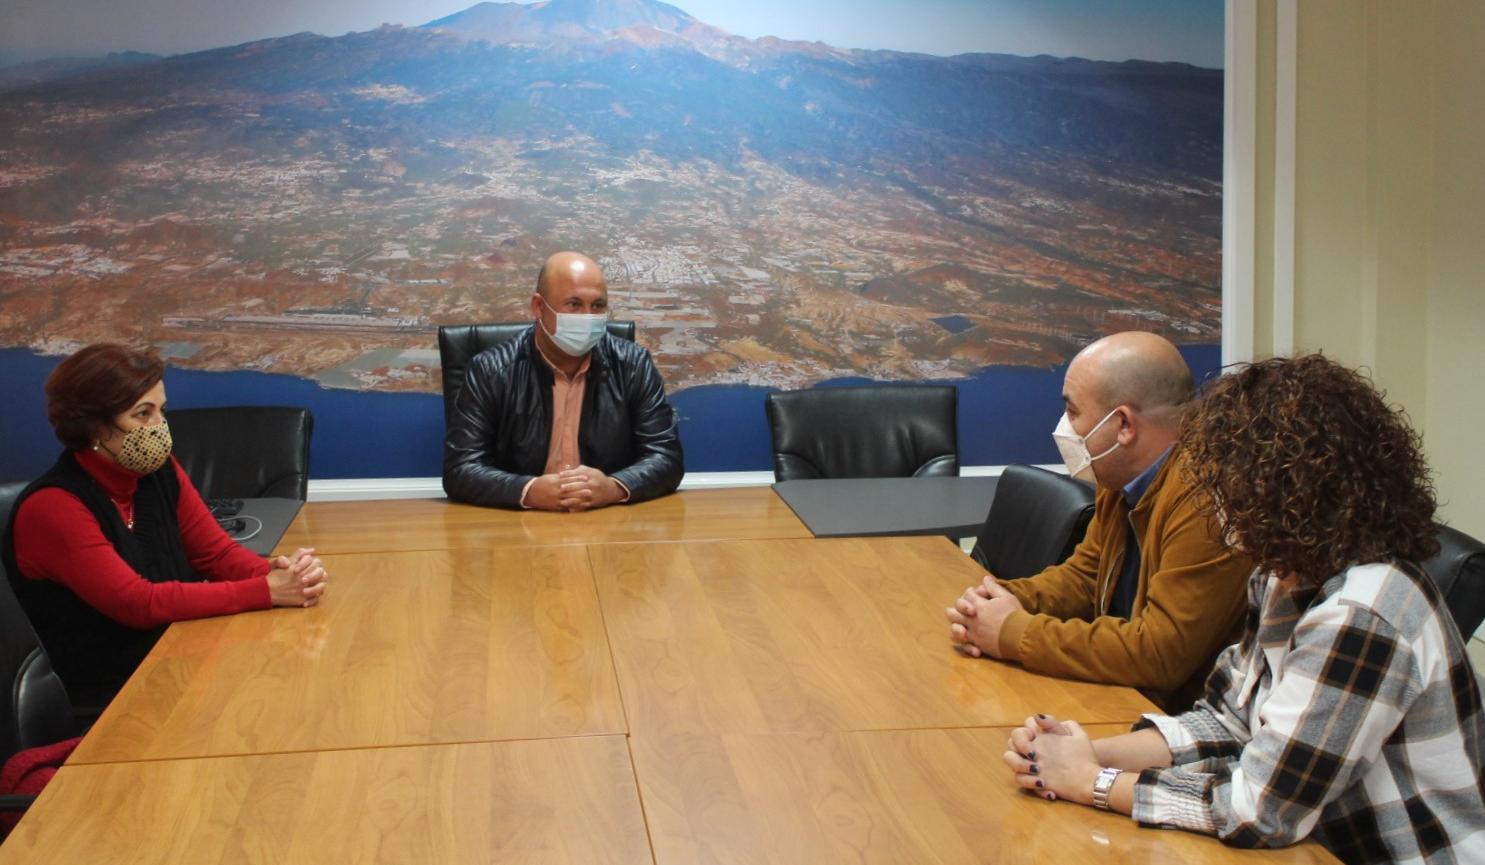 Reunión con la Fundación Niños con Cáncer Pequeño Valiente en Granadilla de Abona / CanariasNoticias.es